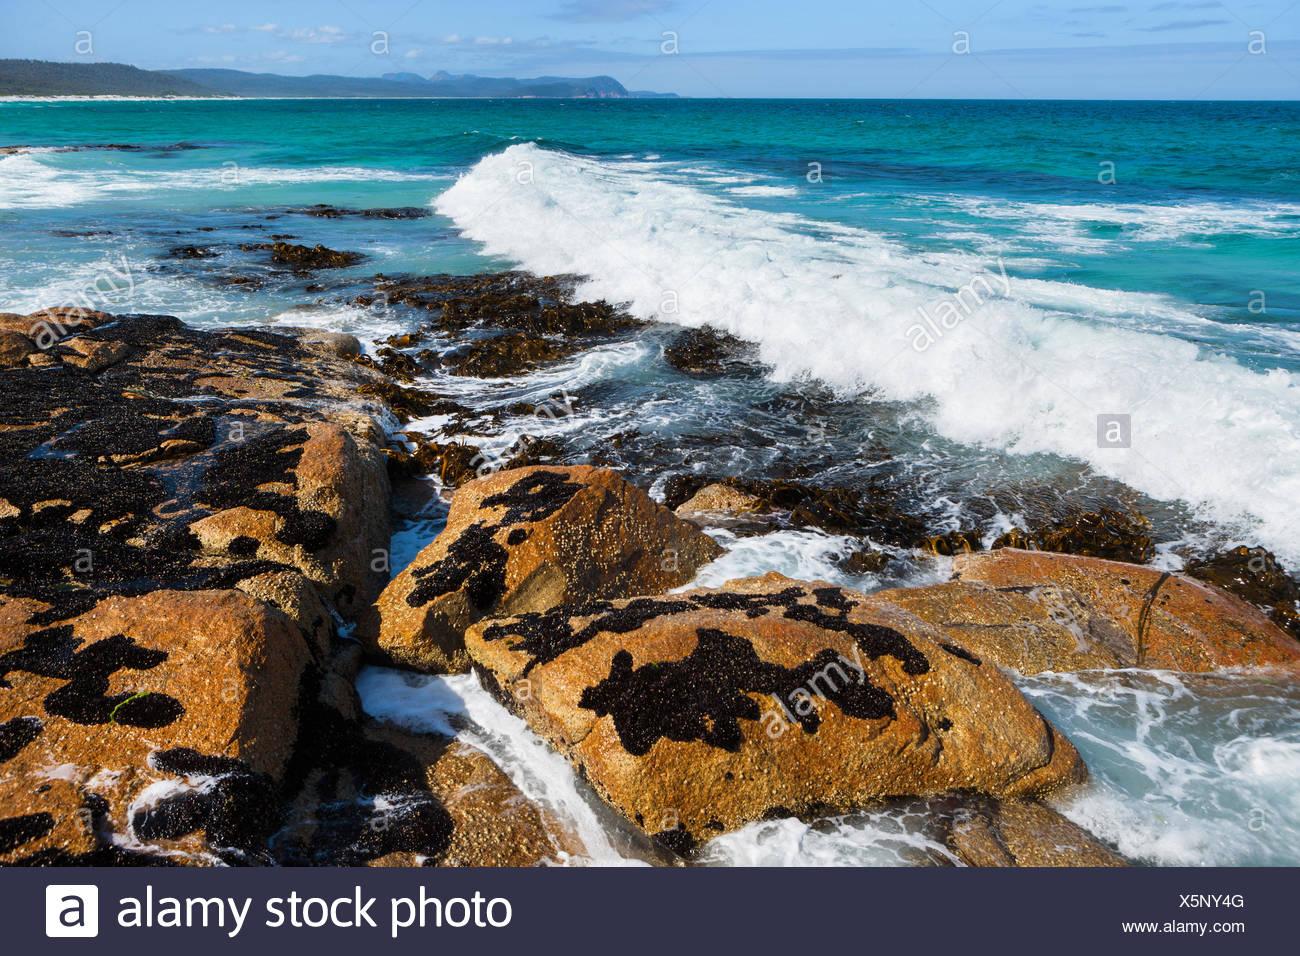 Amable, las playas de Australia, Tasmania, en la costa oriental, el mar, la costa, las olas, las rocas, acantilados, Imagen De Stock